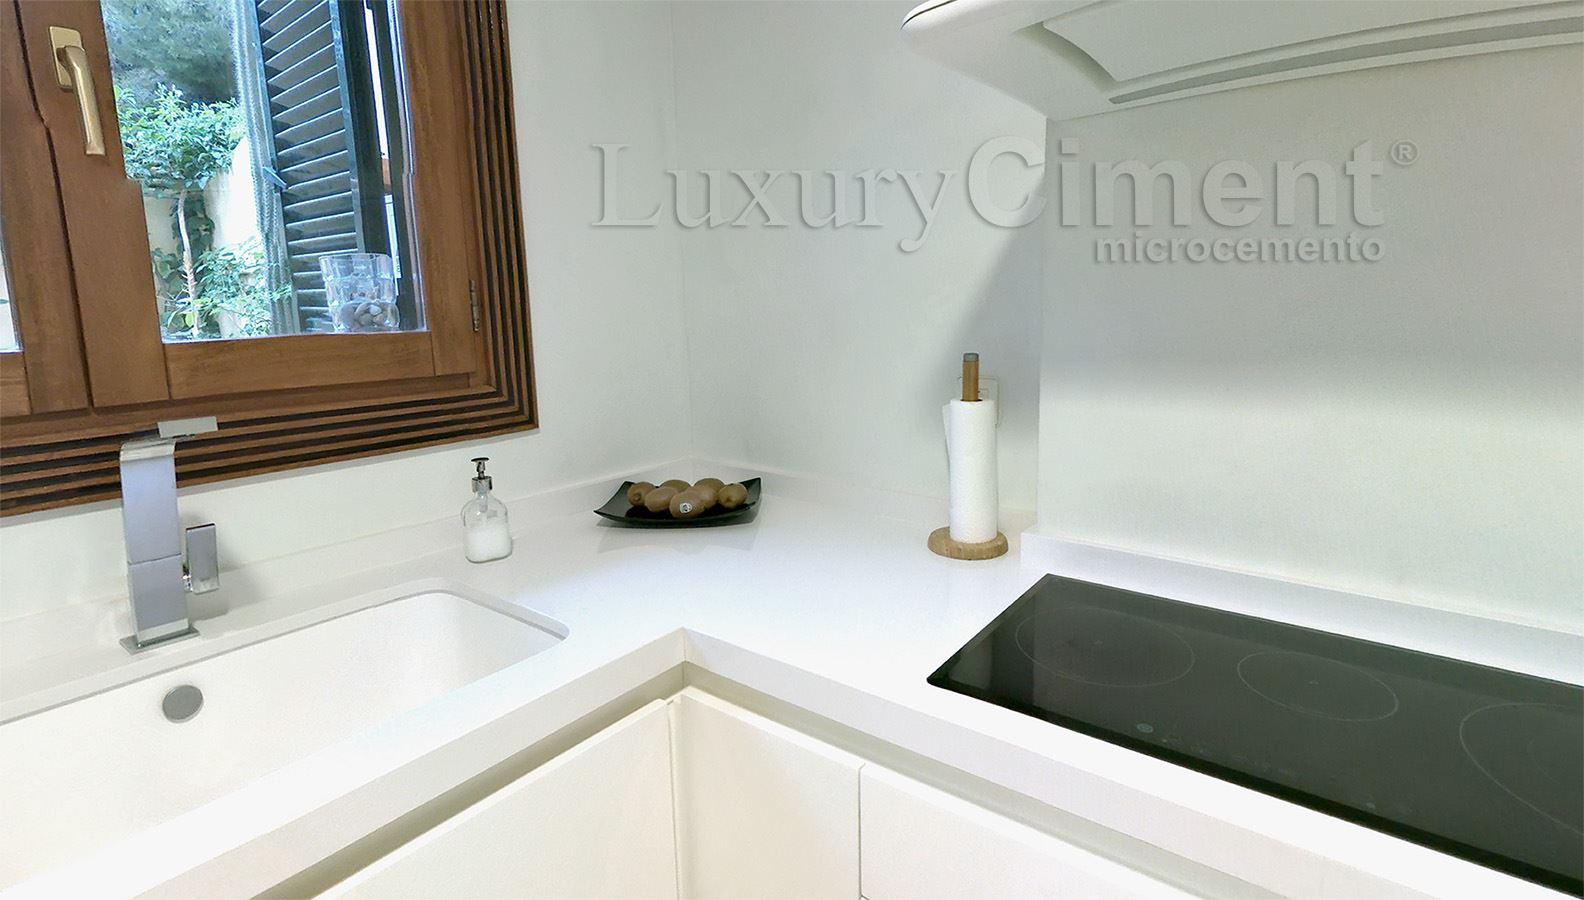 Microcemento en suelos paredes ba os cocinas para interior y exterior - Encimeras de microcemento ...